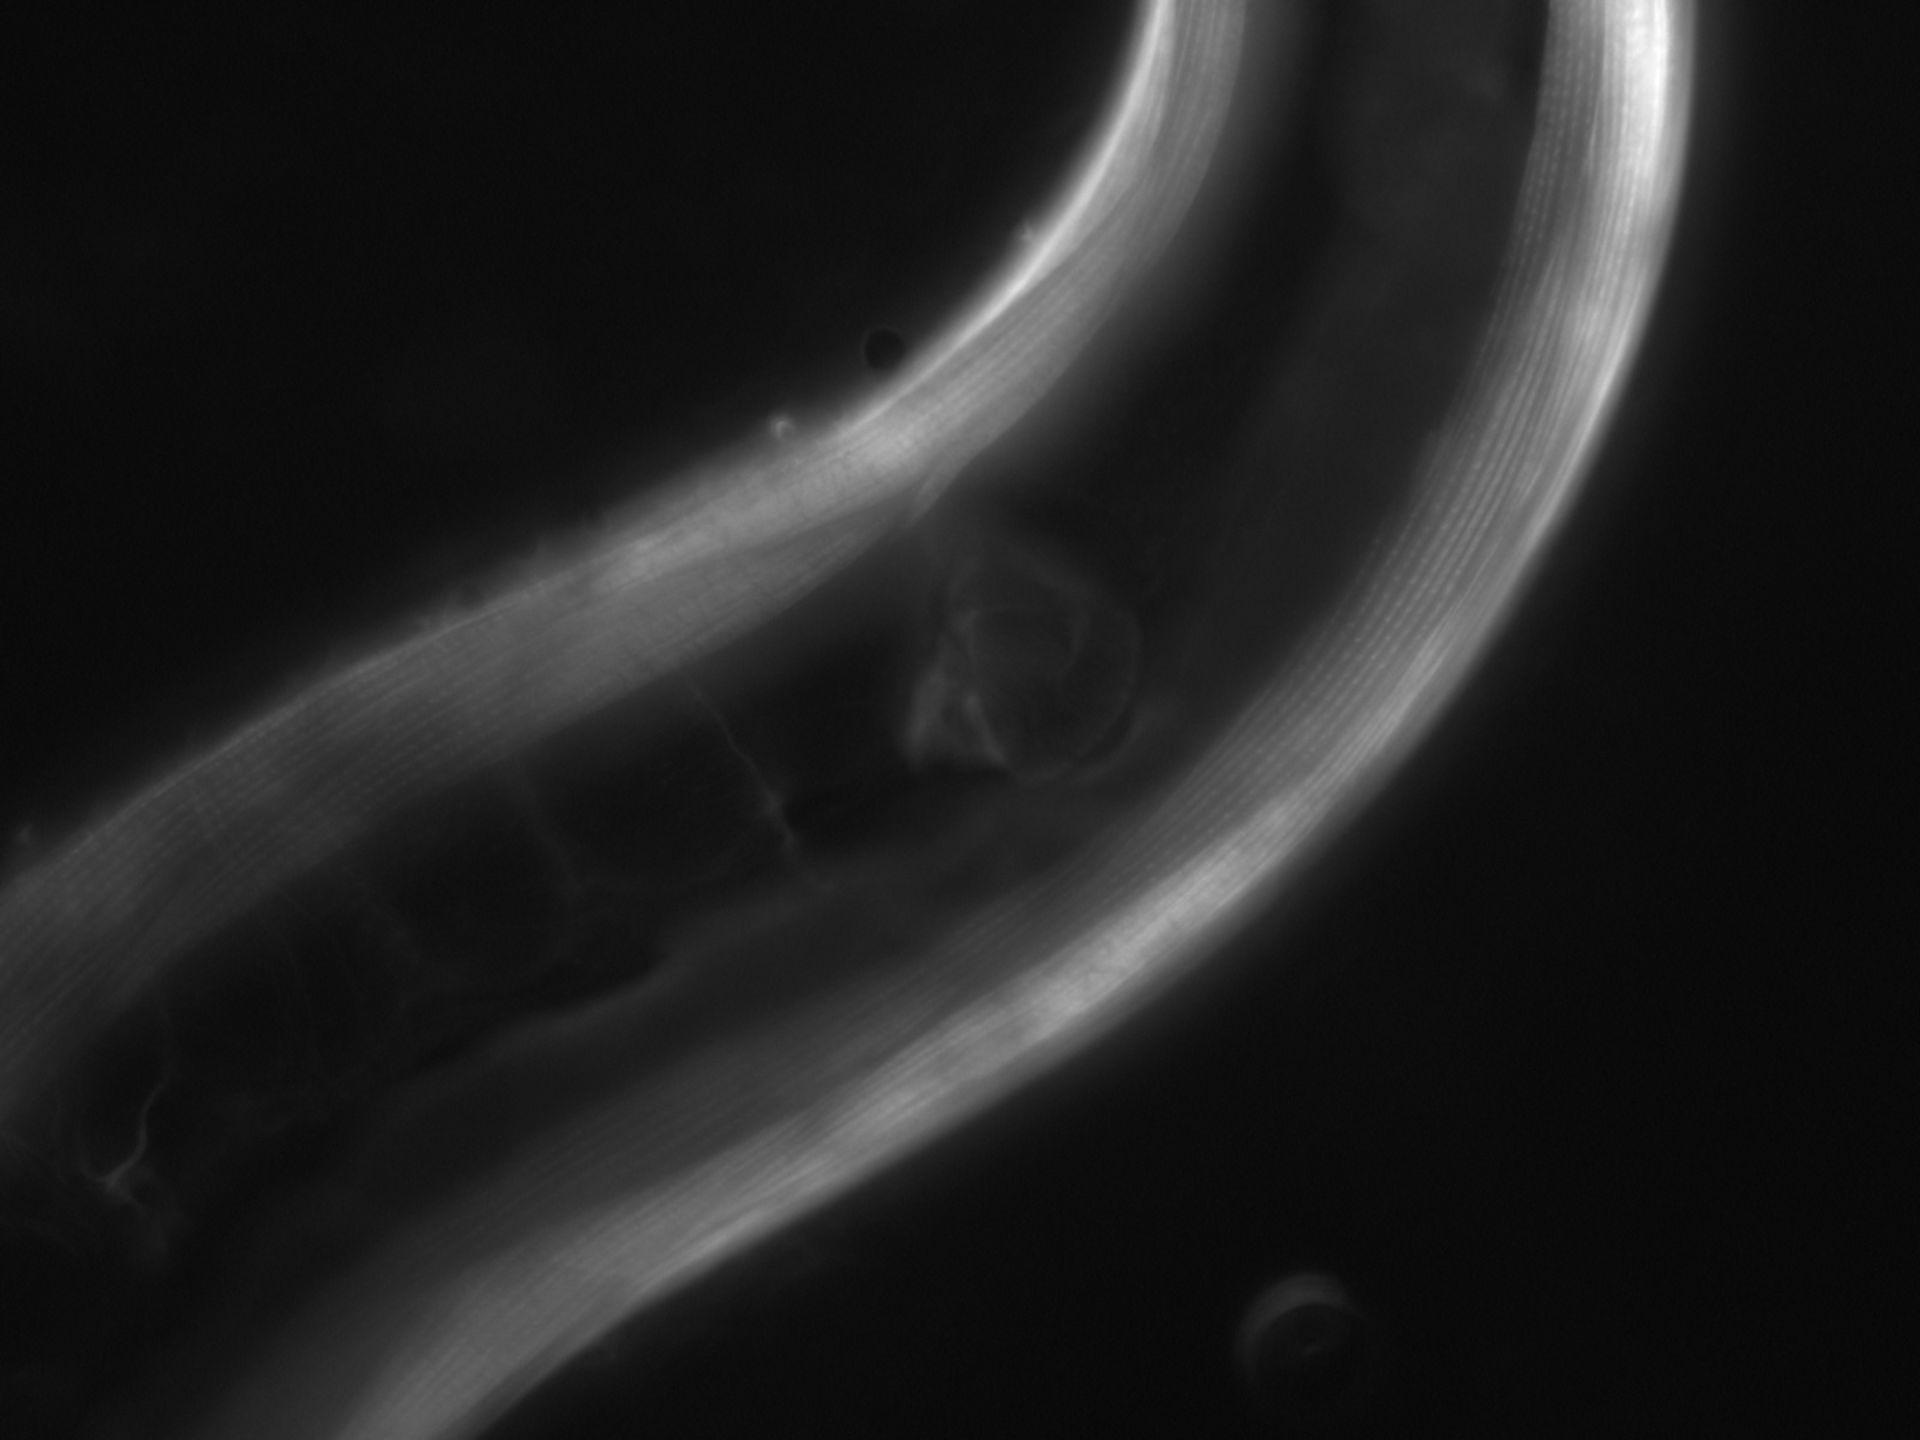 Caenorhabditis elegans (Actin filament) - CIL:1077